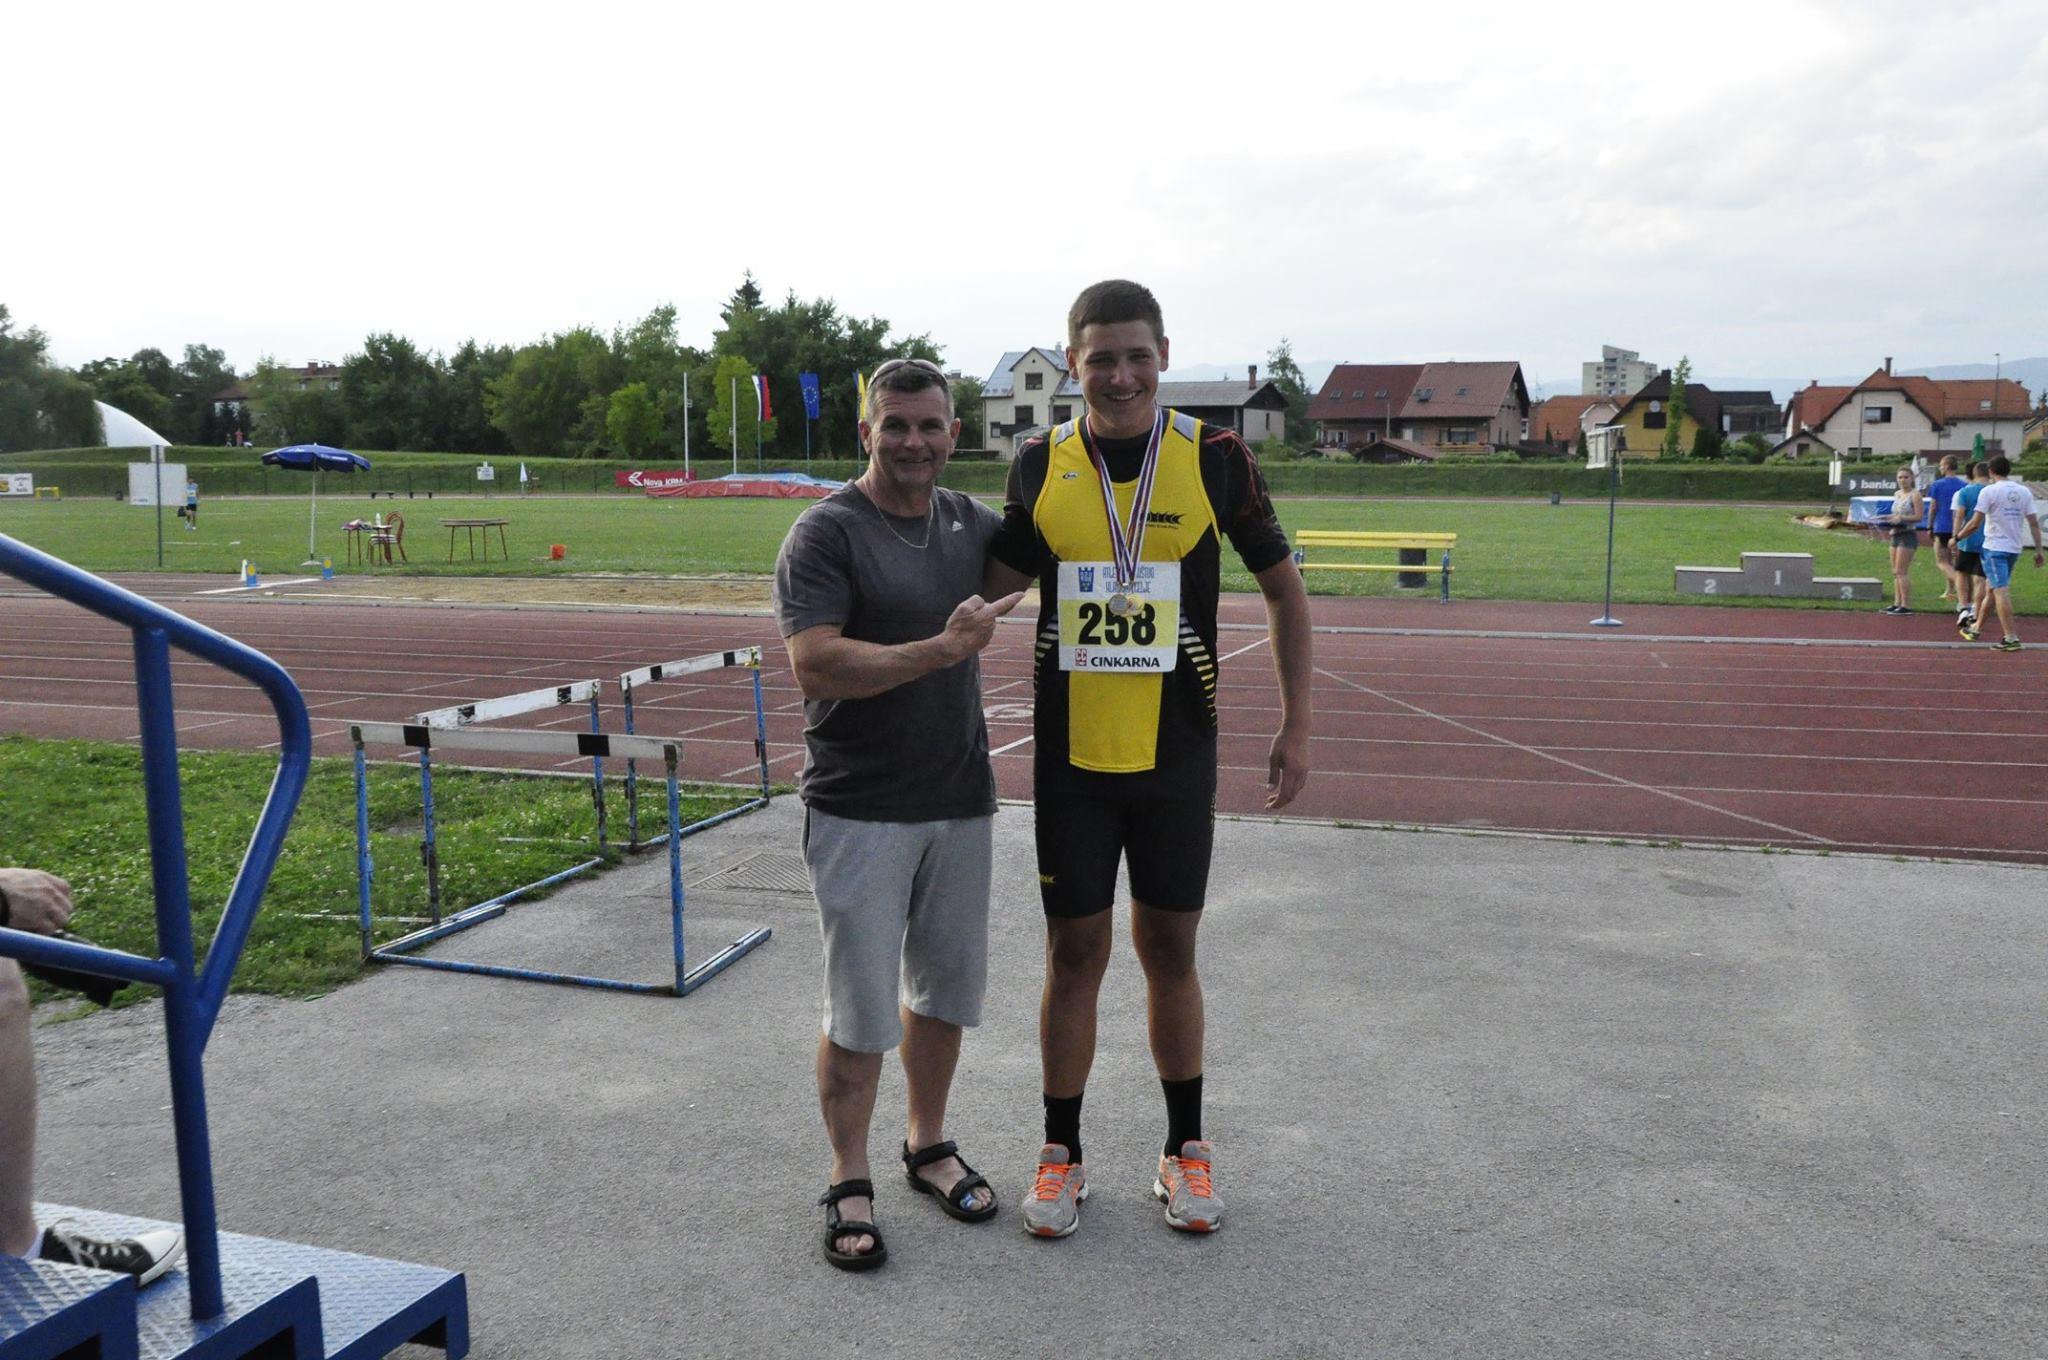 ATLETIKA: Jurček Korpič Lesjak prvak med pionirji do 16 let v metu KROGLE, DISKA, KLADIVA!!!